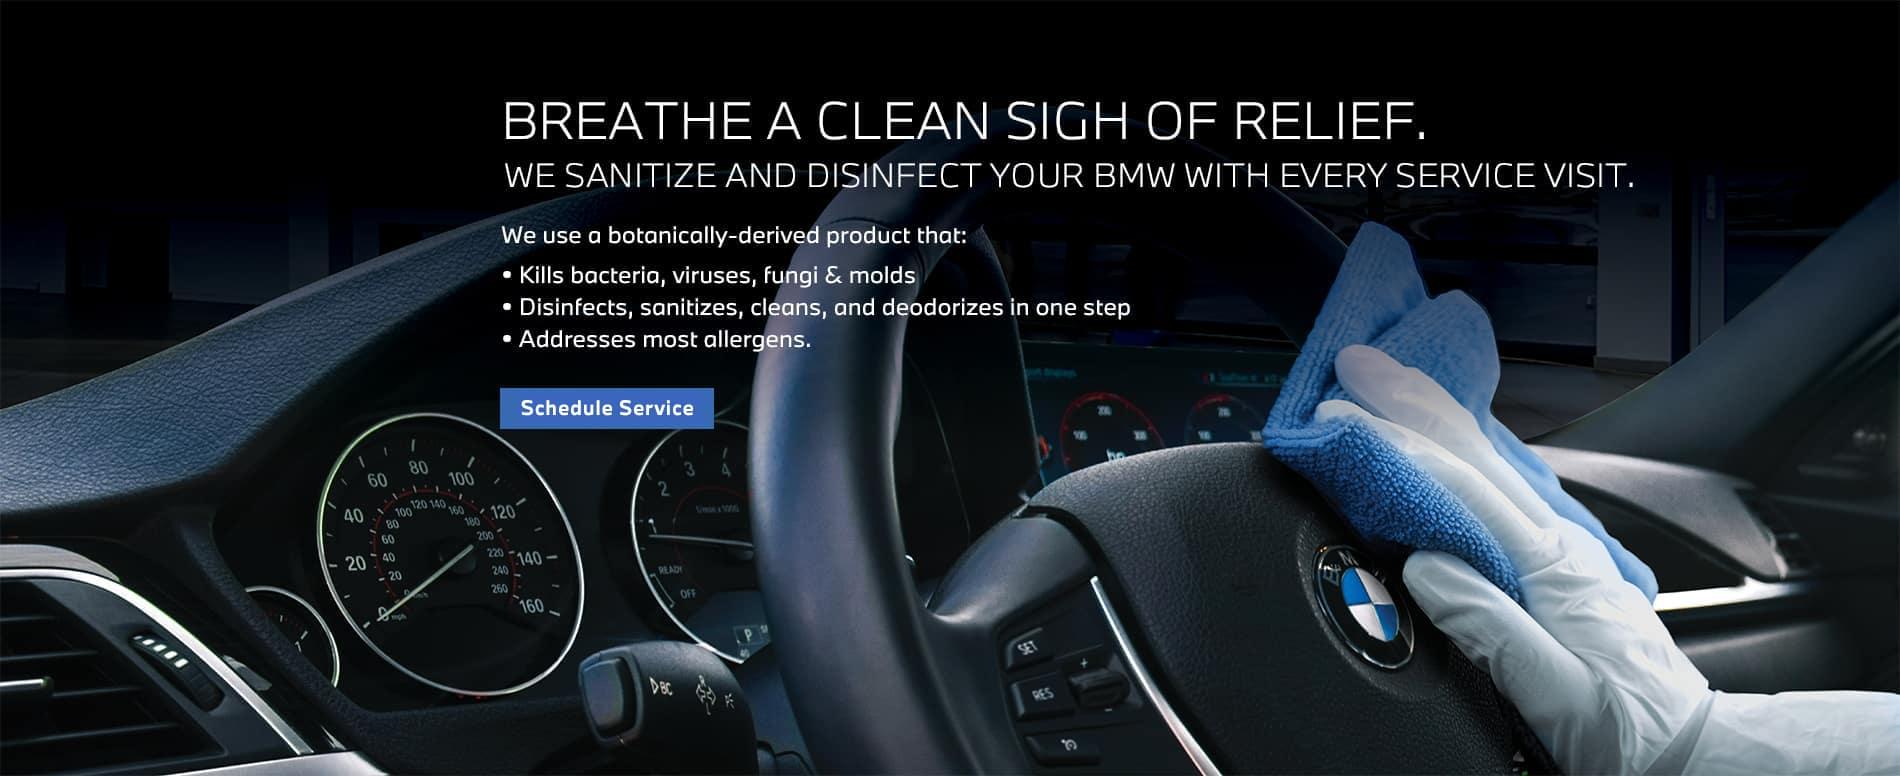 Slide-BMW_SanitizeSrvc_FMA1900x776_BreatheClean